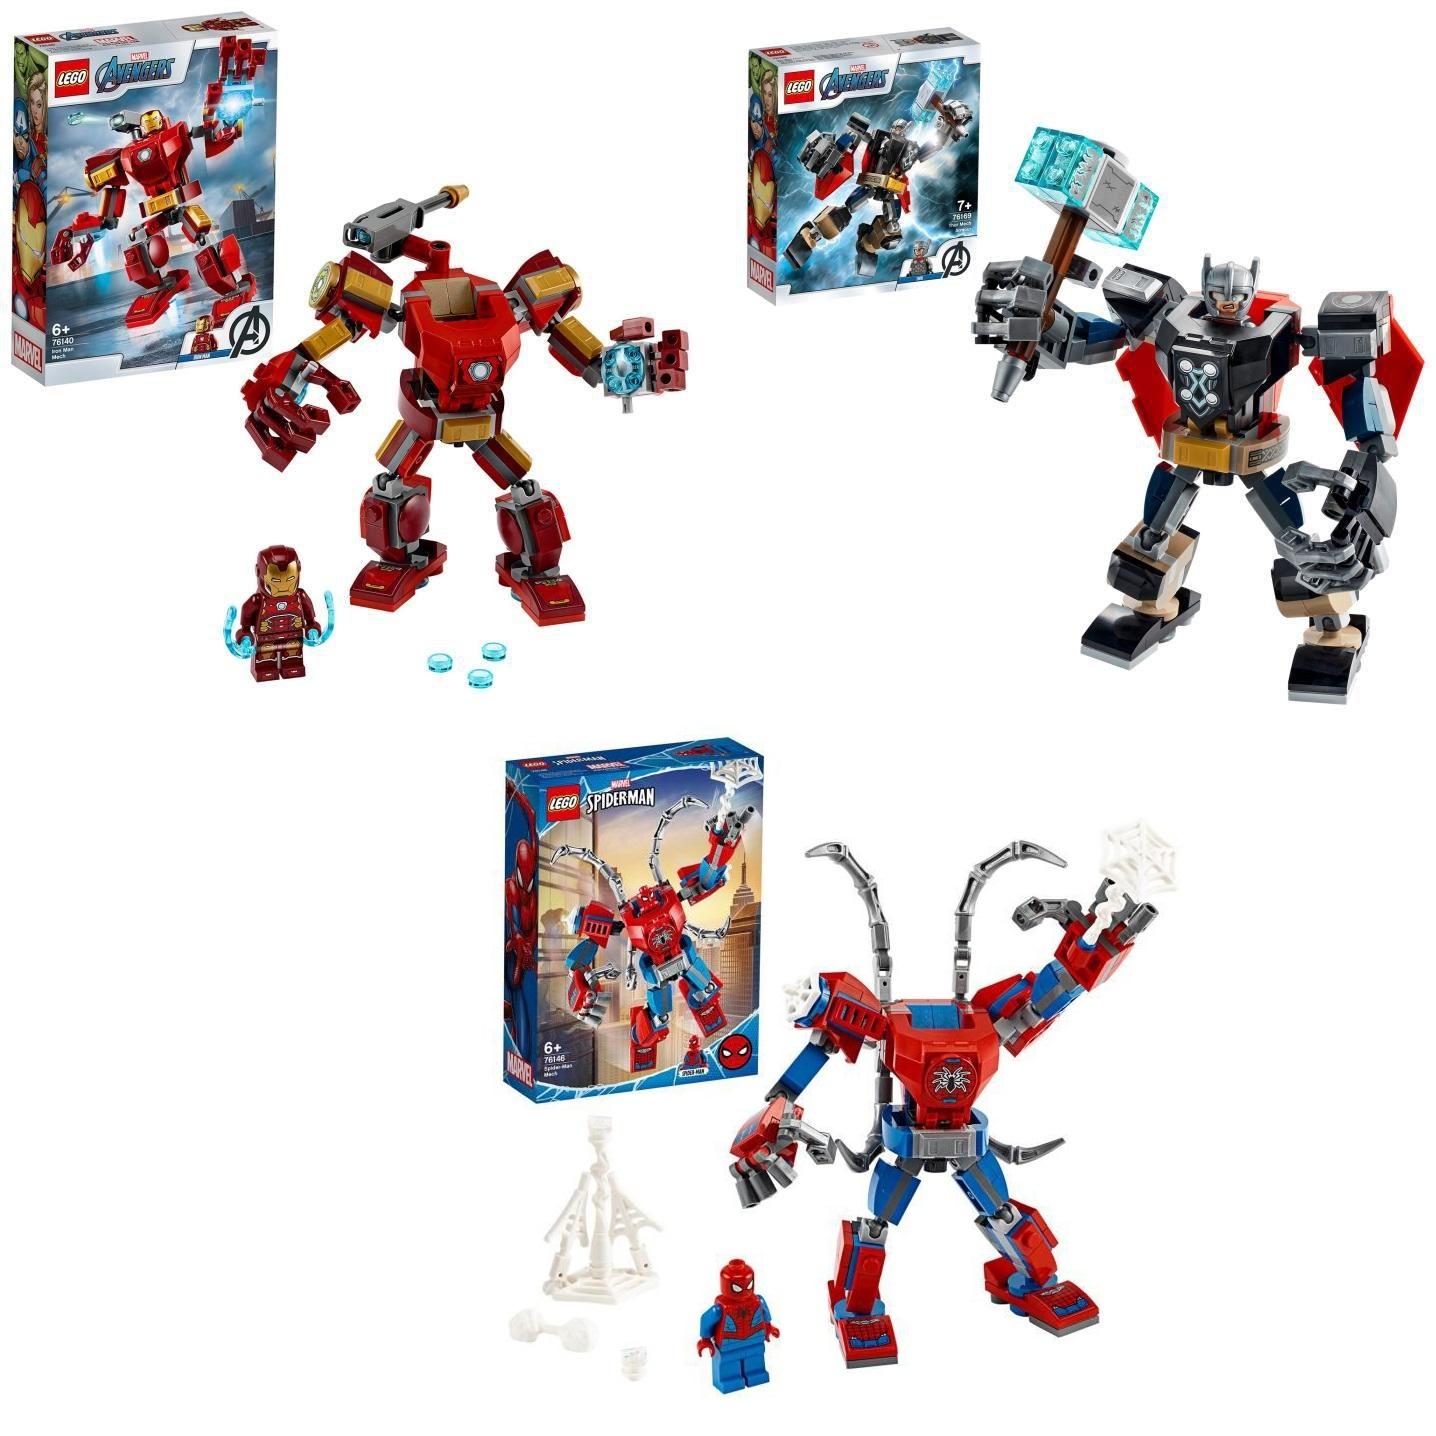 2 jouets Lego achetés (Technic, City, Marvel,...) parmi une sélection = le 3e offert (le moins cher) - Ex : Pack de 3 Lego Avengers